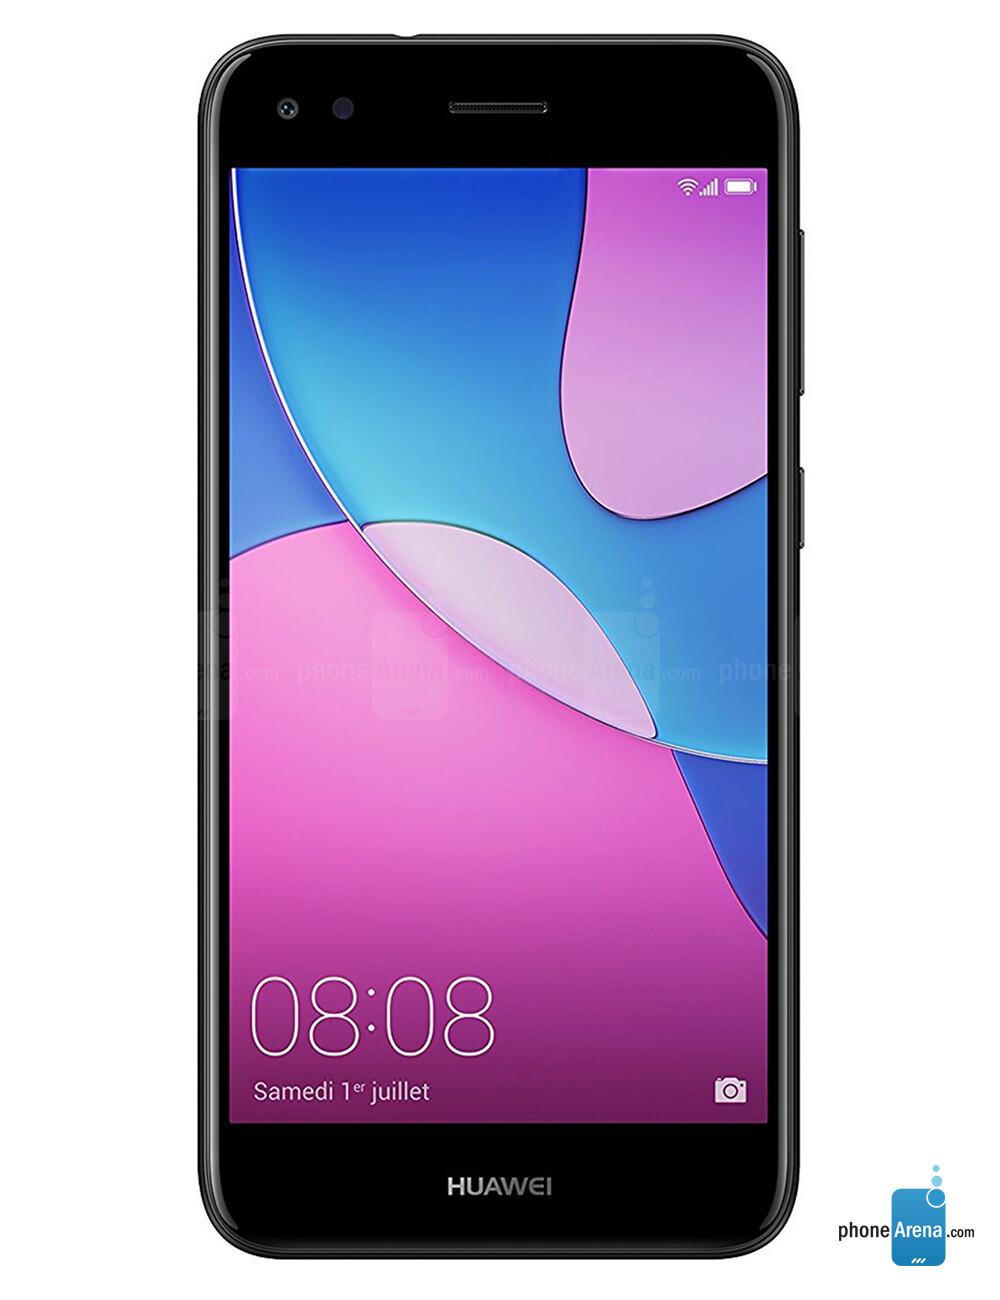 Huawei Y6 Pro (2017) specs - PhoneArena